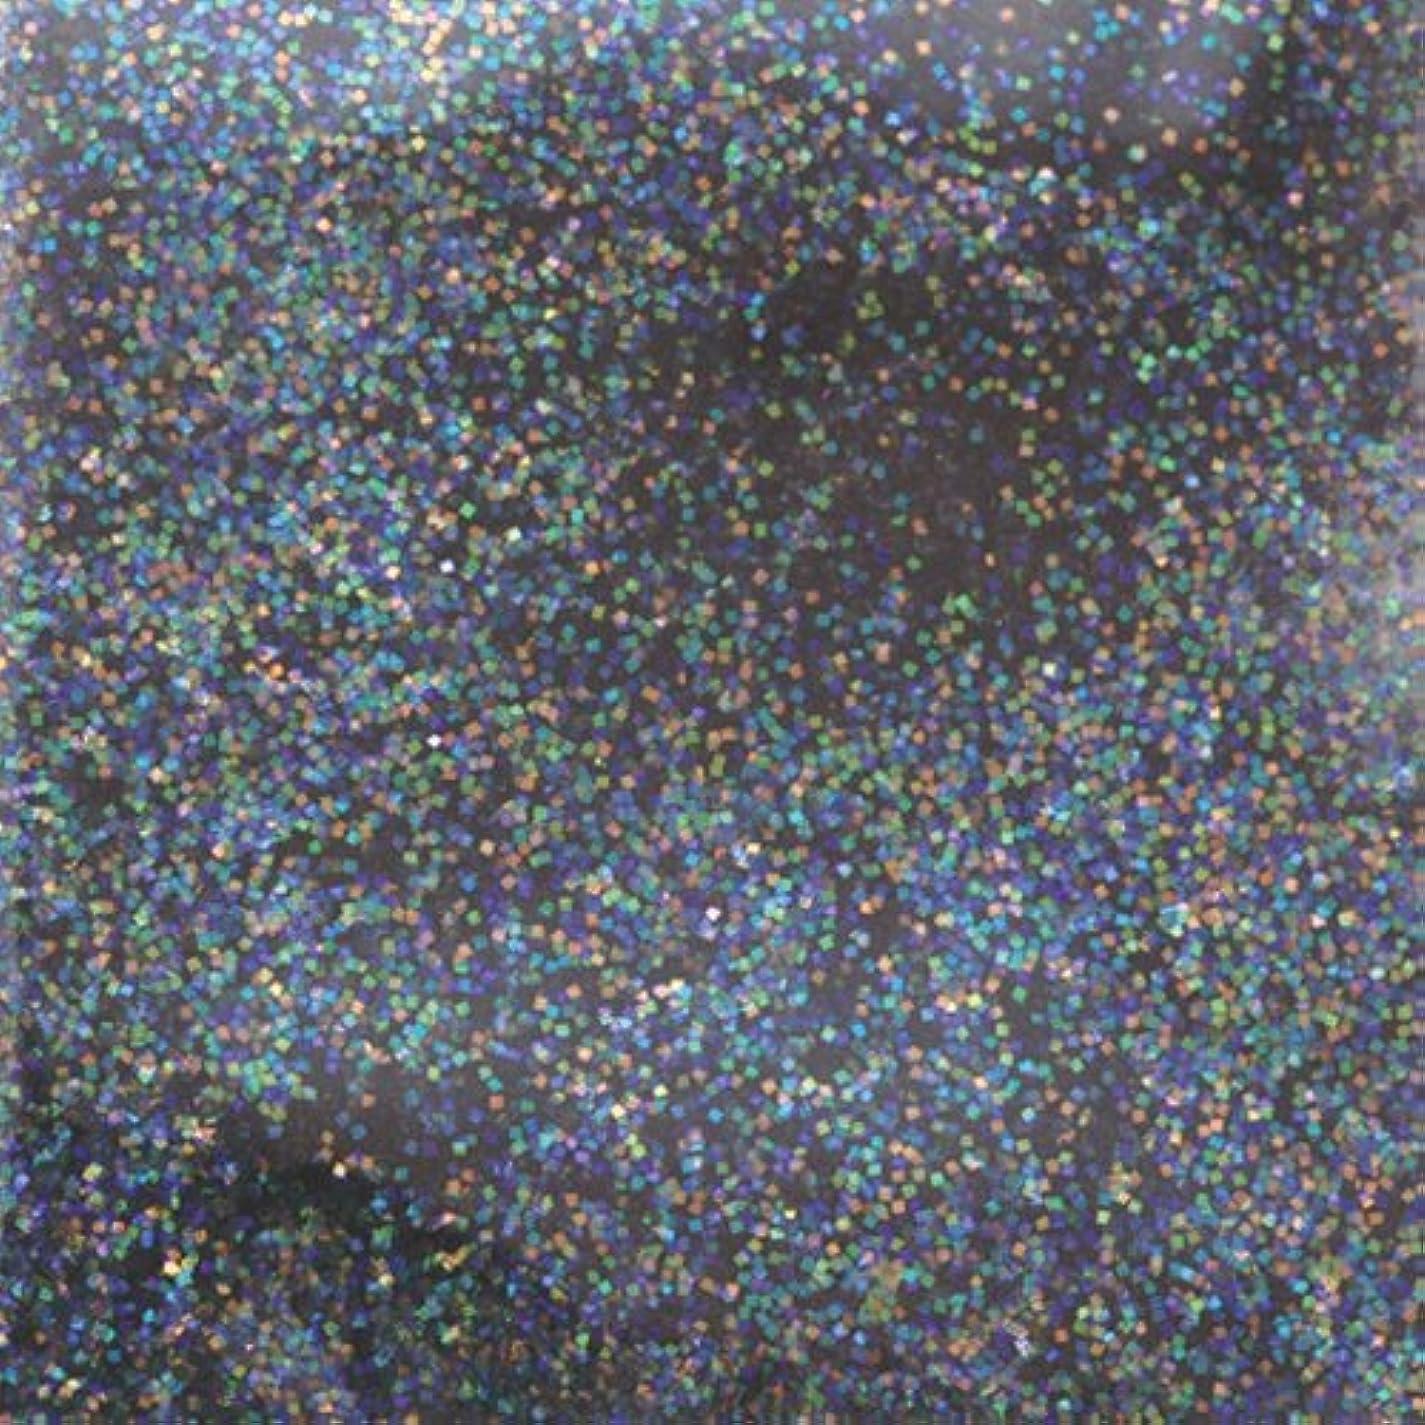 ピカエース ネイル用パウダー ピカエース ラメカラーレインボー S #412 ブラック 0.7g アート材